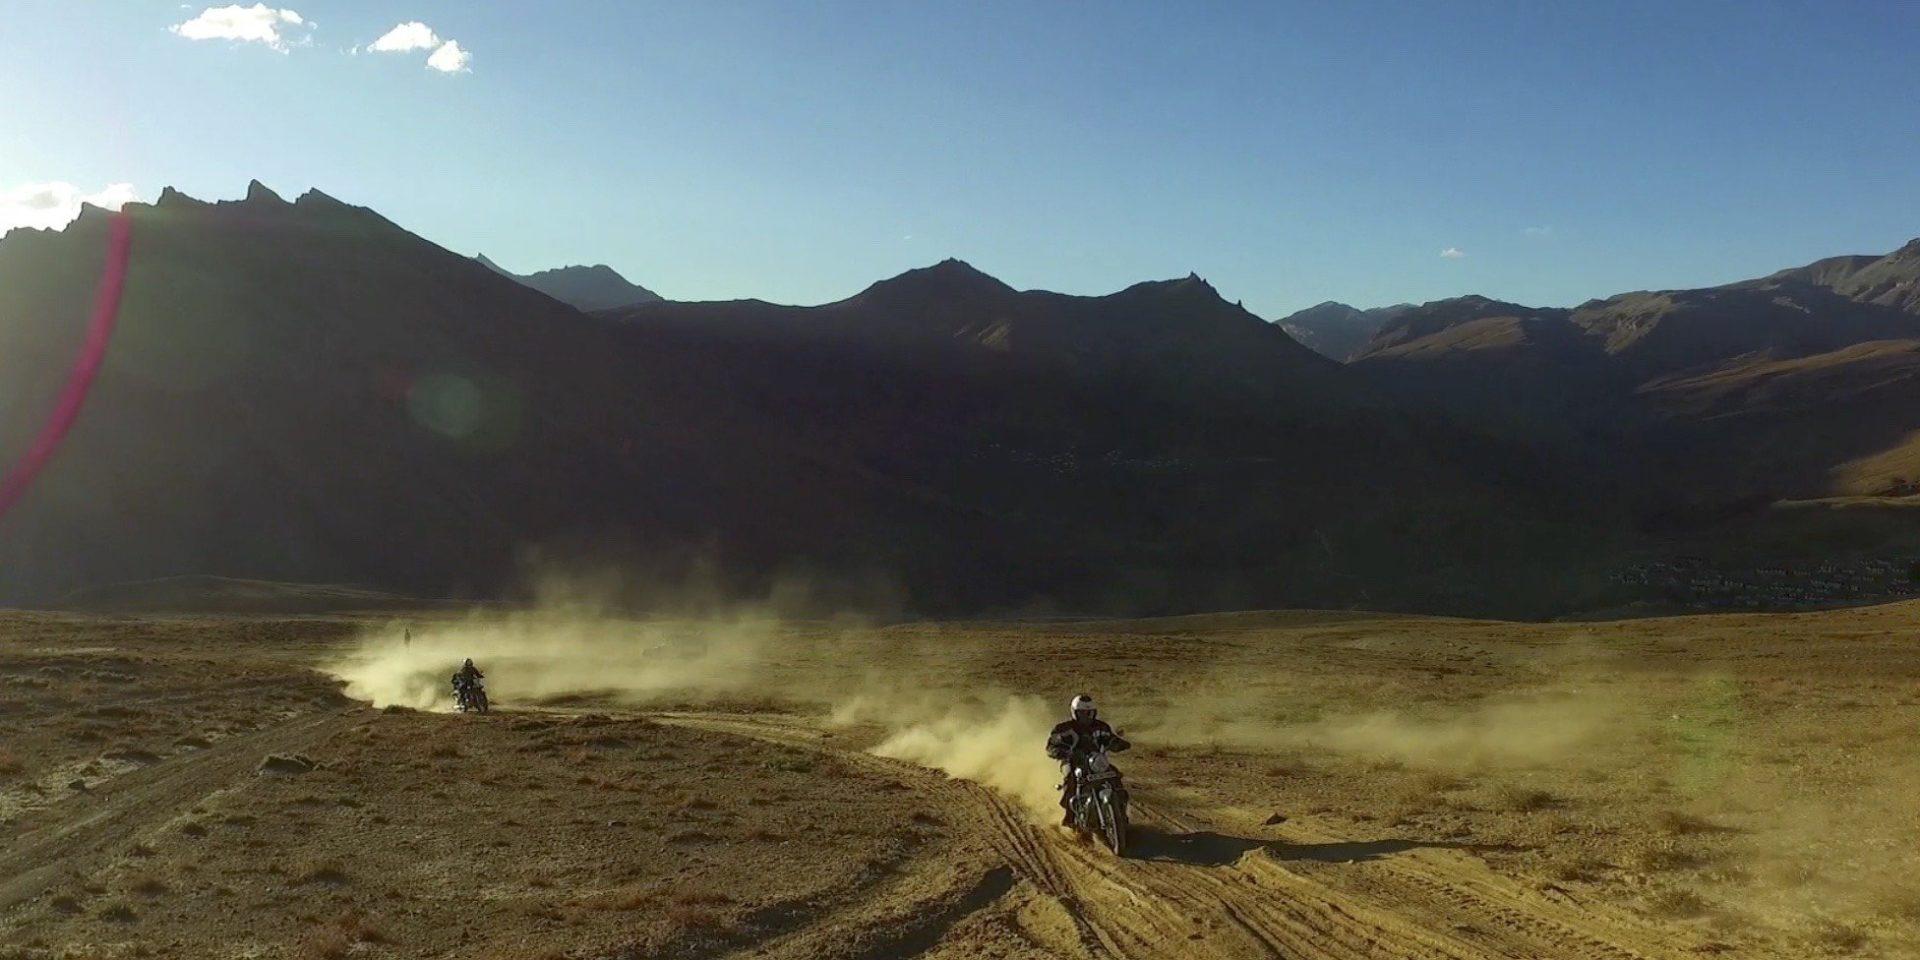 Motorrad-Roadtrip Himalaya - Vor den Toren Tibets